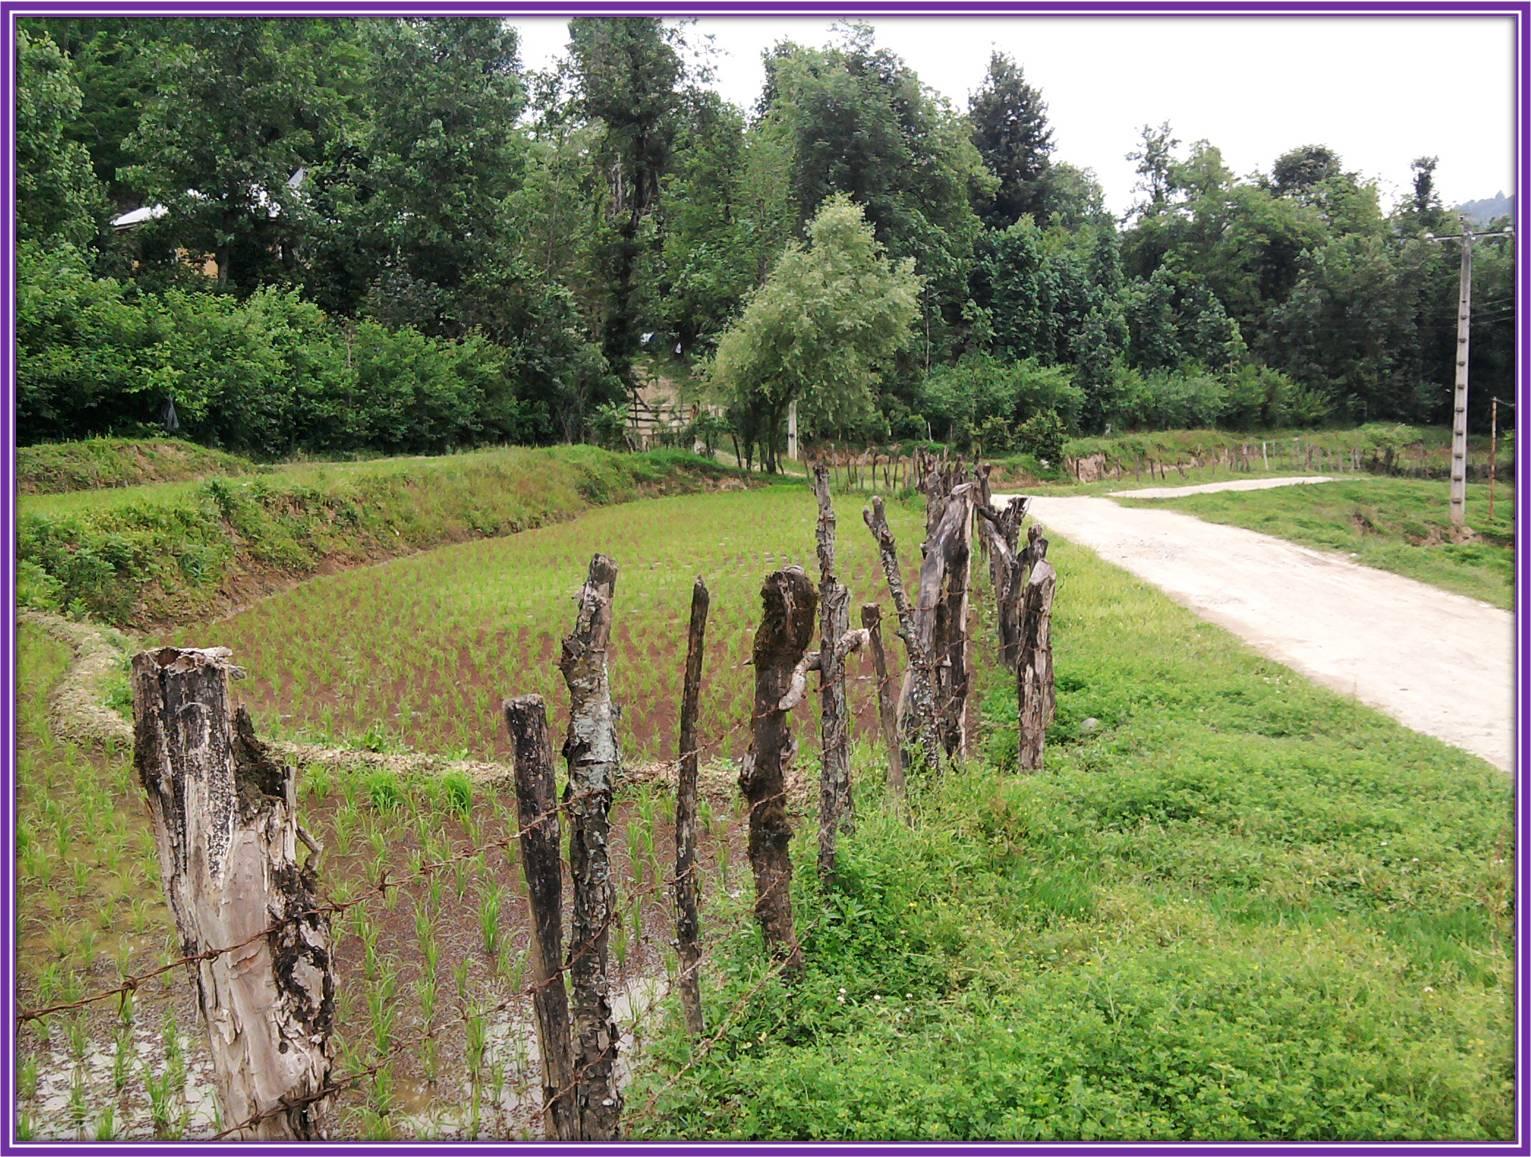 عکس از مزارع تم در ابتدای راه کشت در روستای شولم